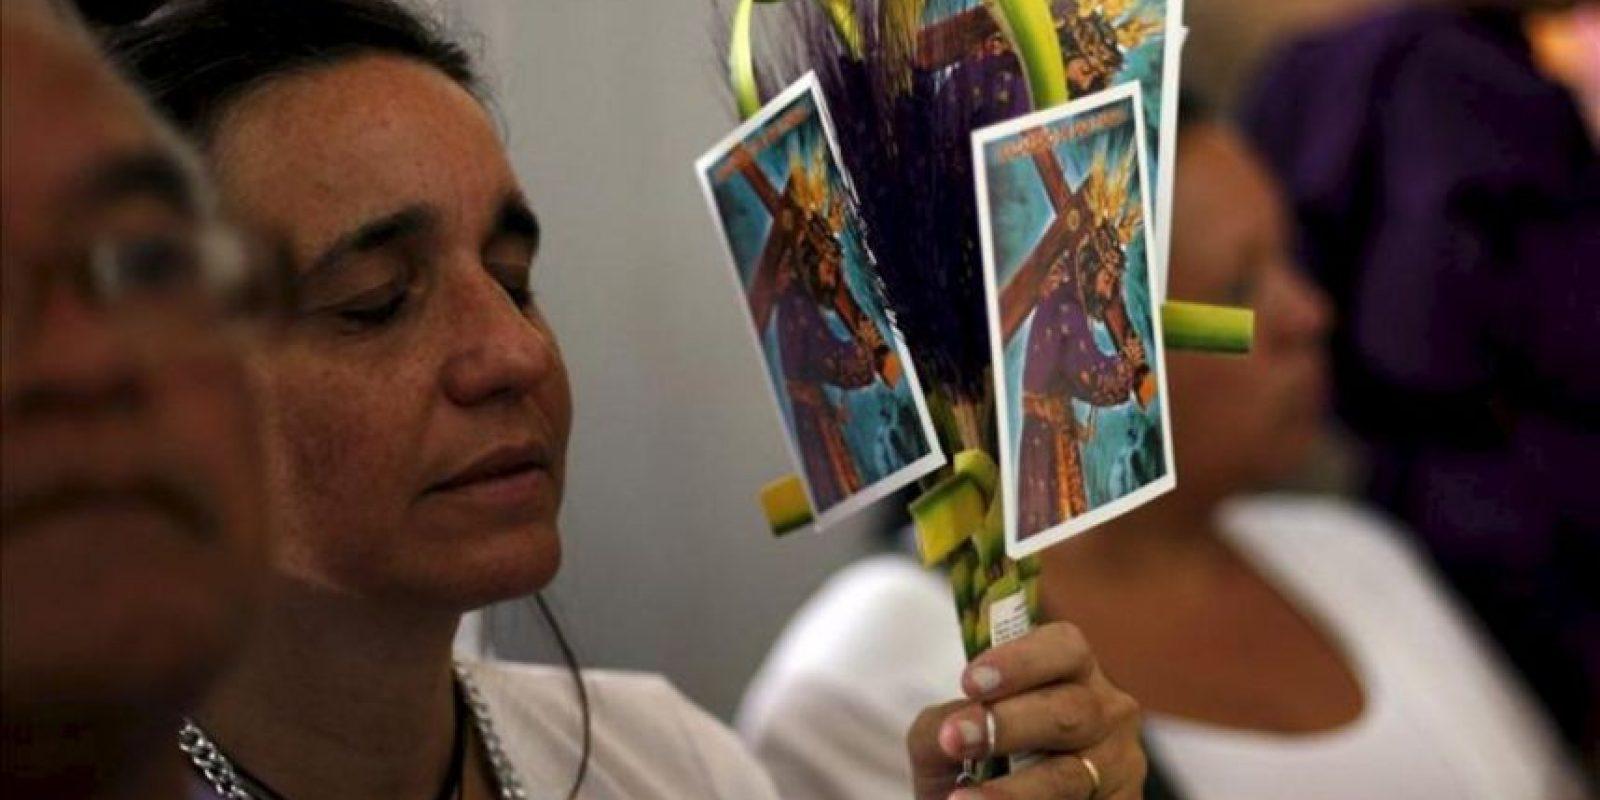 Una mujer reza en la basílica de Santa Teresa en el centro de Caracas (Venezuela) con motivo del Miércoles Santo. EFE